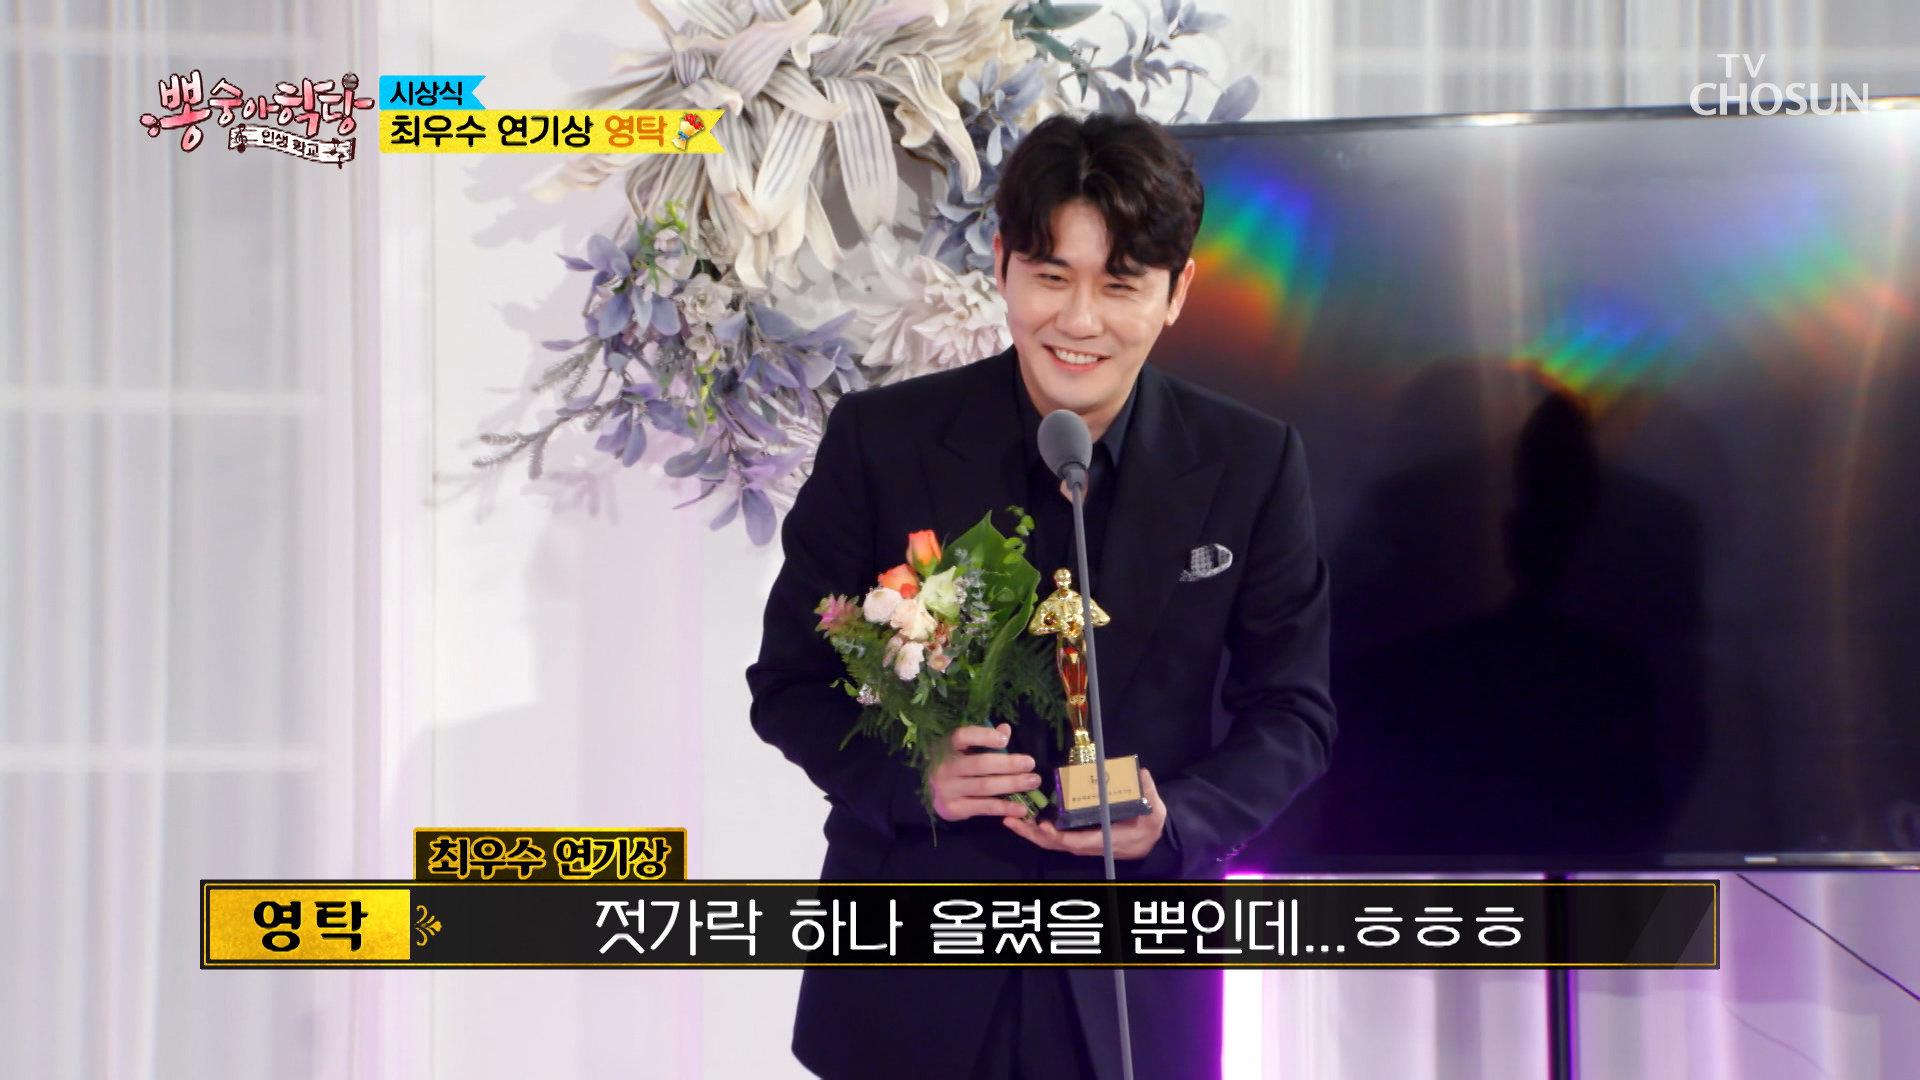 최우수 연기상의 주인공은~?! 신인 배우 영탁 TV CHOSUN 210922 방송